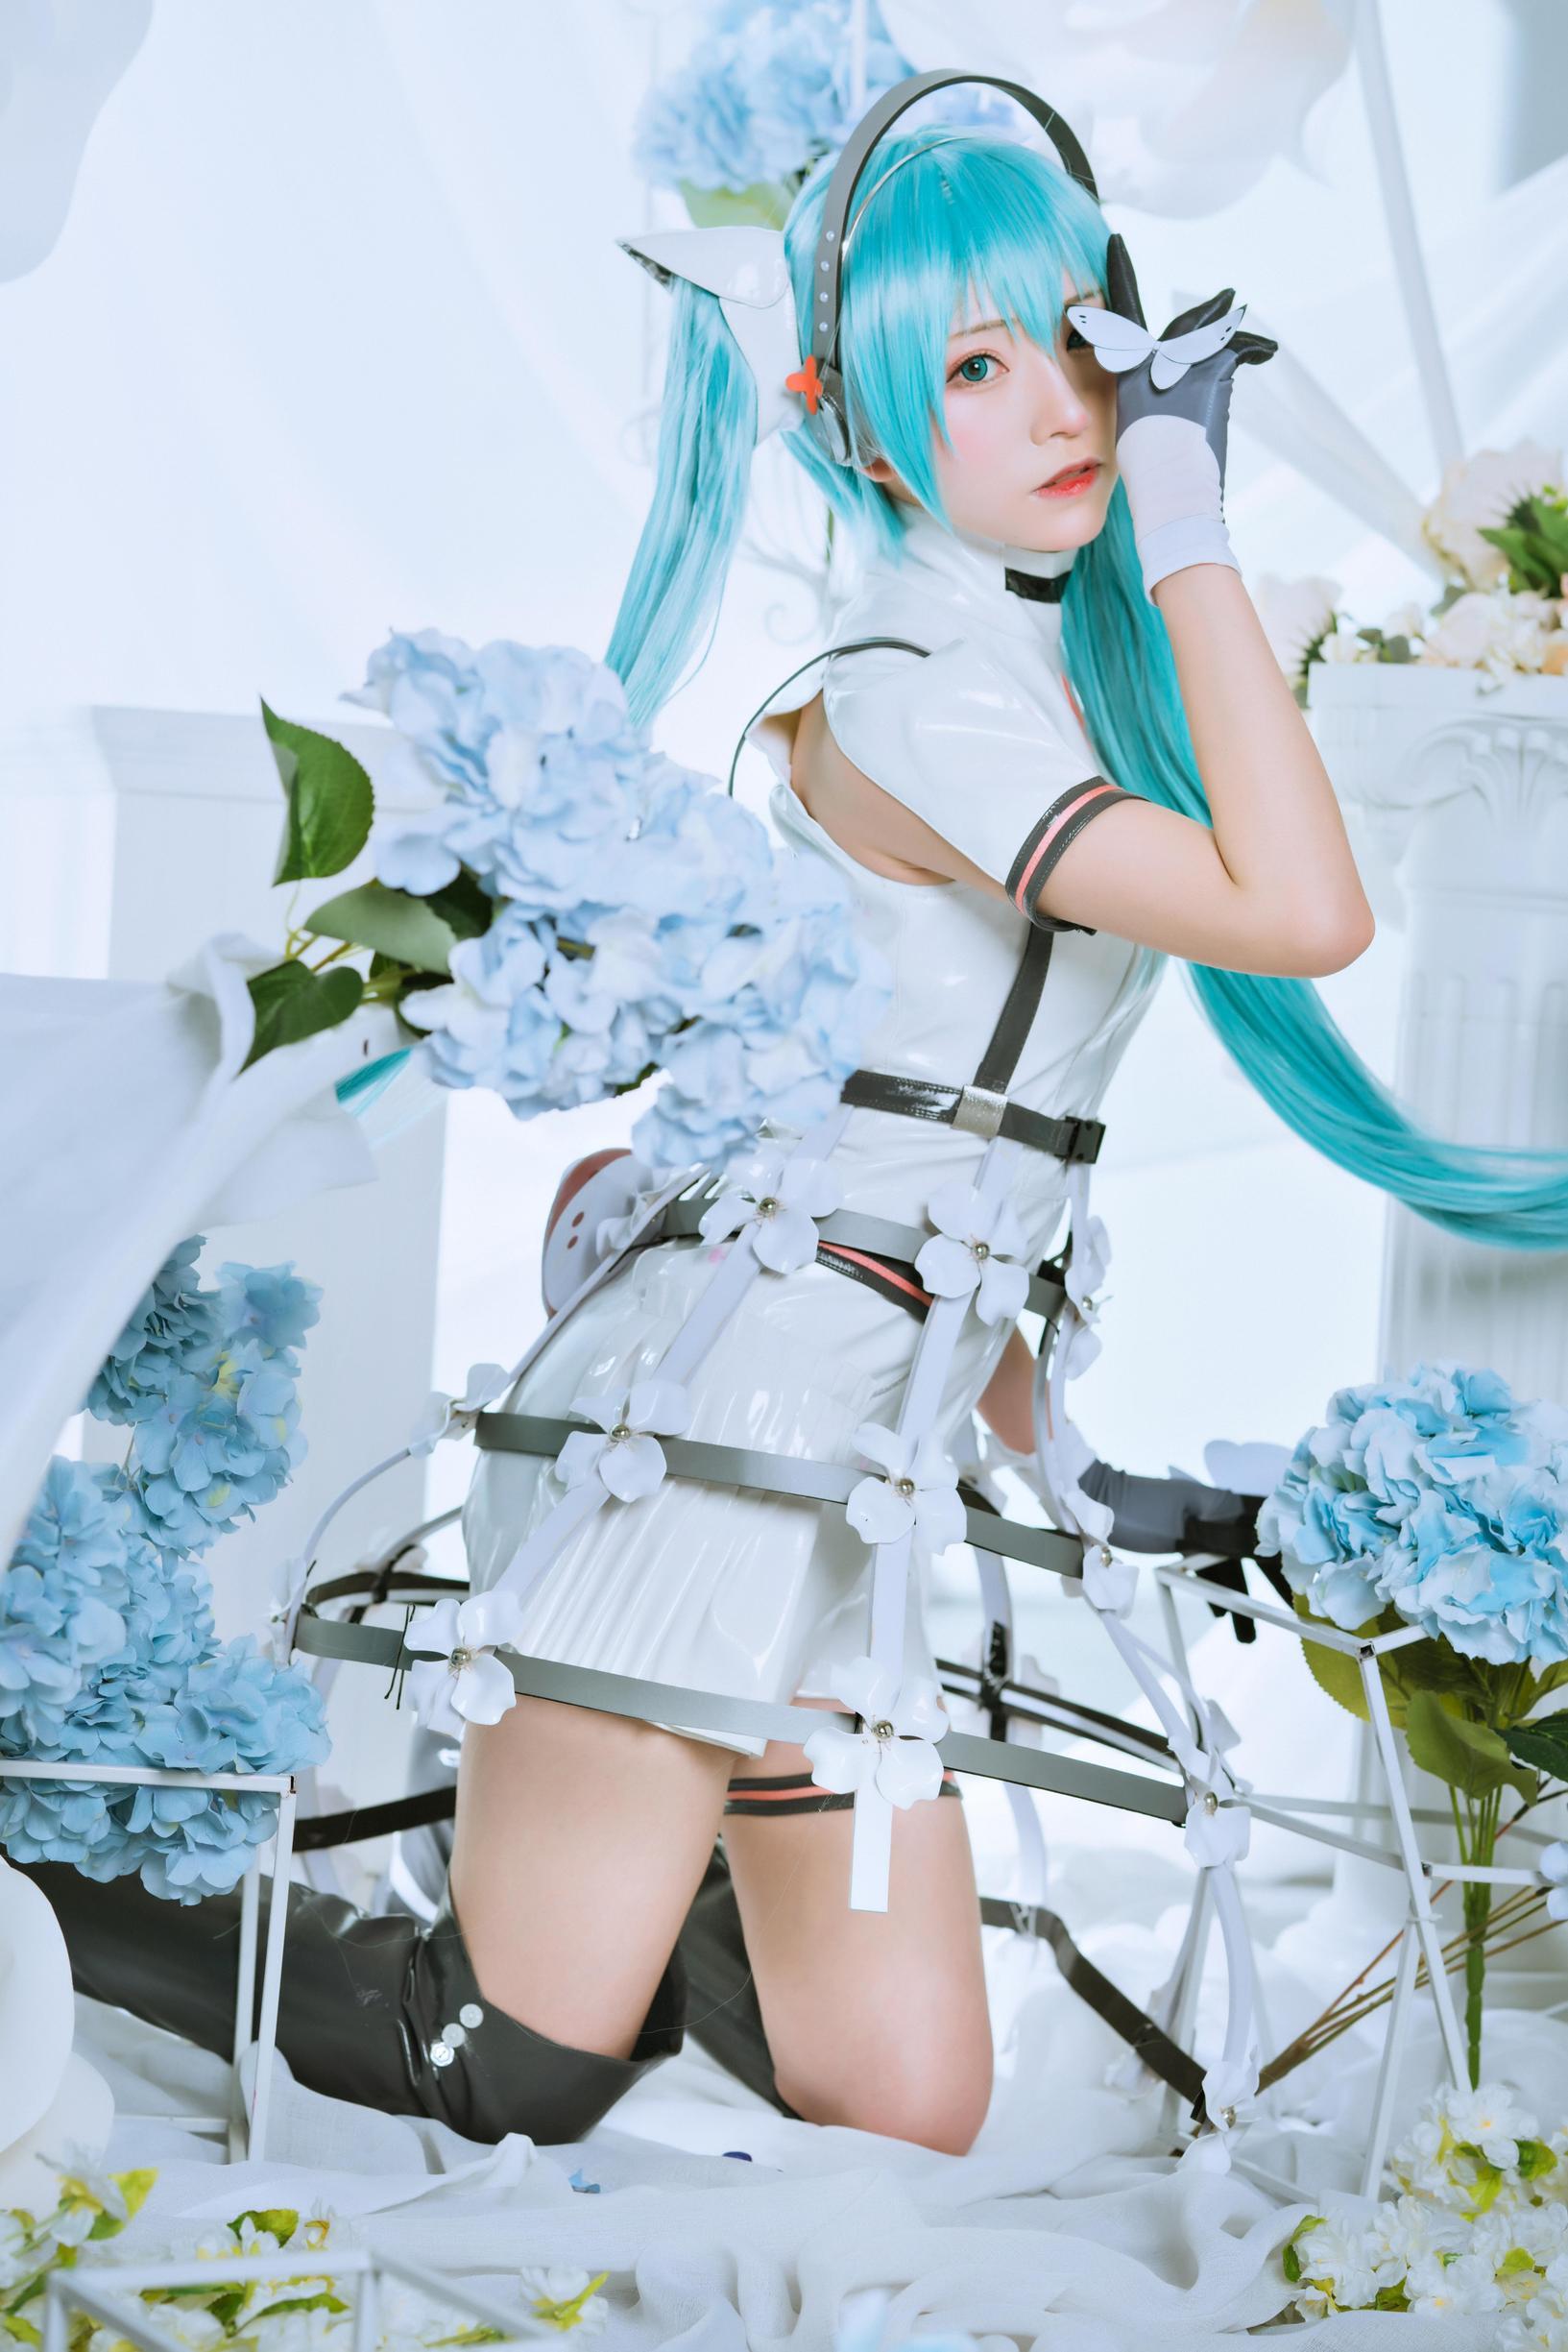 少女cosplay【CN:Kitaro_绮太郎】-第9张